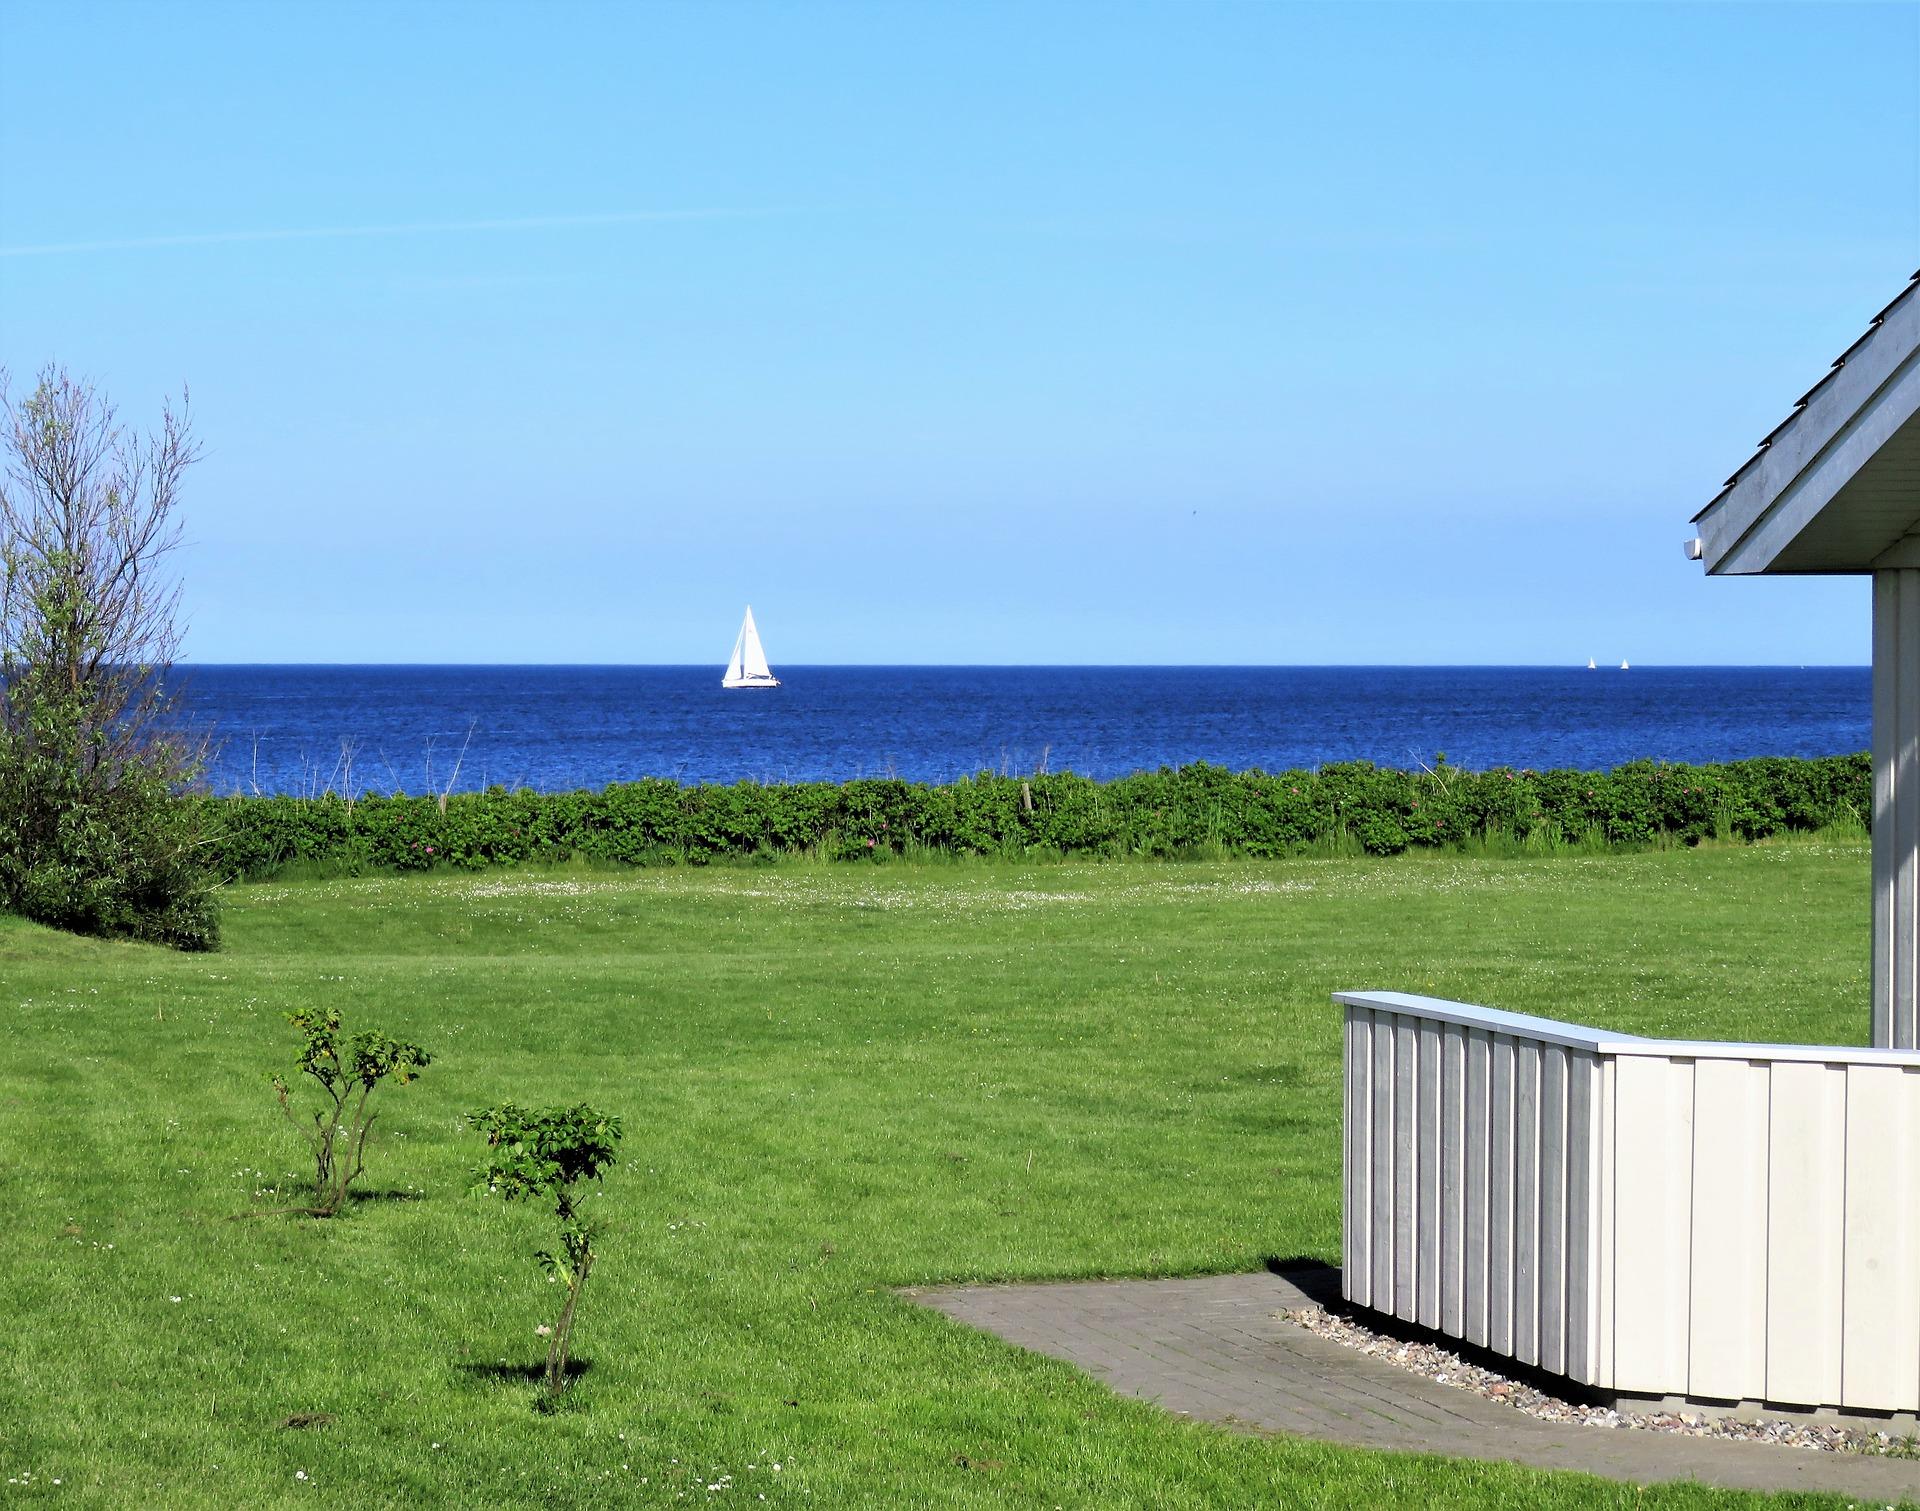 Fern vom Massentourismus ein Ferienhaus an der Ostsee buchen